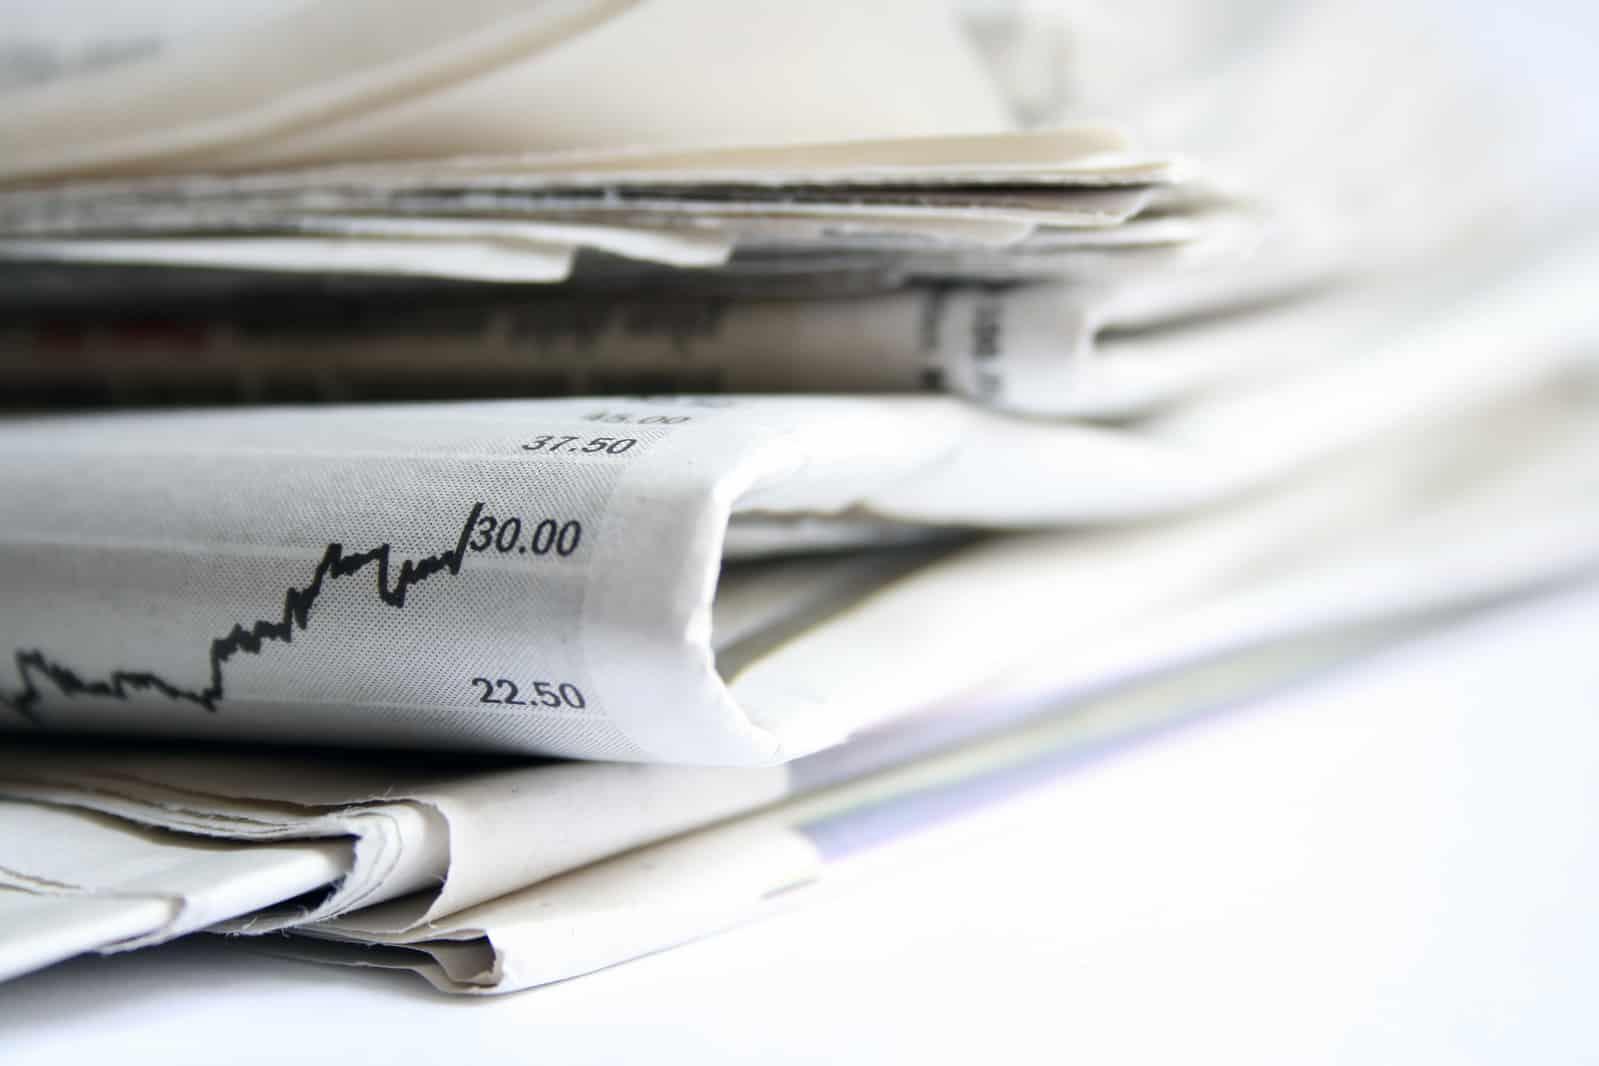 newspaper-series-1-1239253-1599x1066